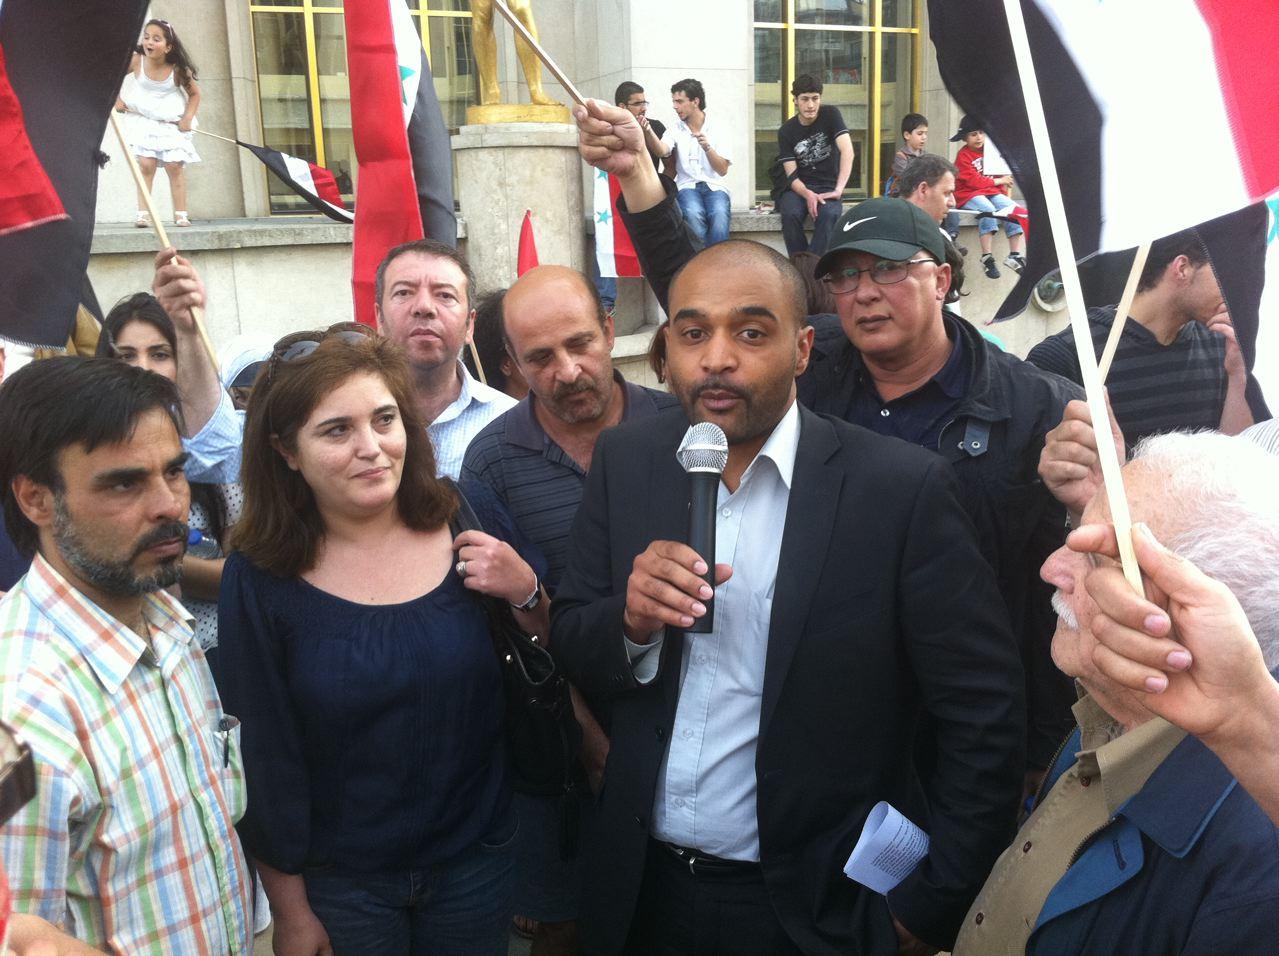 2011.05.21 Dominique Sopo, président de SOS Racisme, au rassemblement de soutien Syrie, parvis Droits de l'homme, Trocadéro, Paris